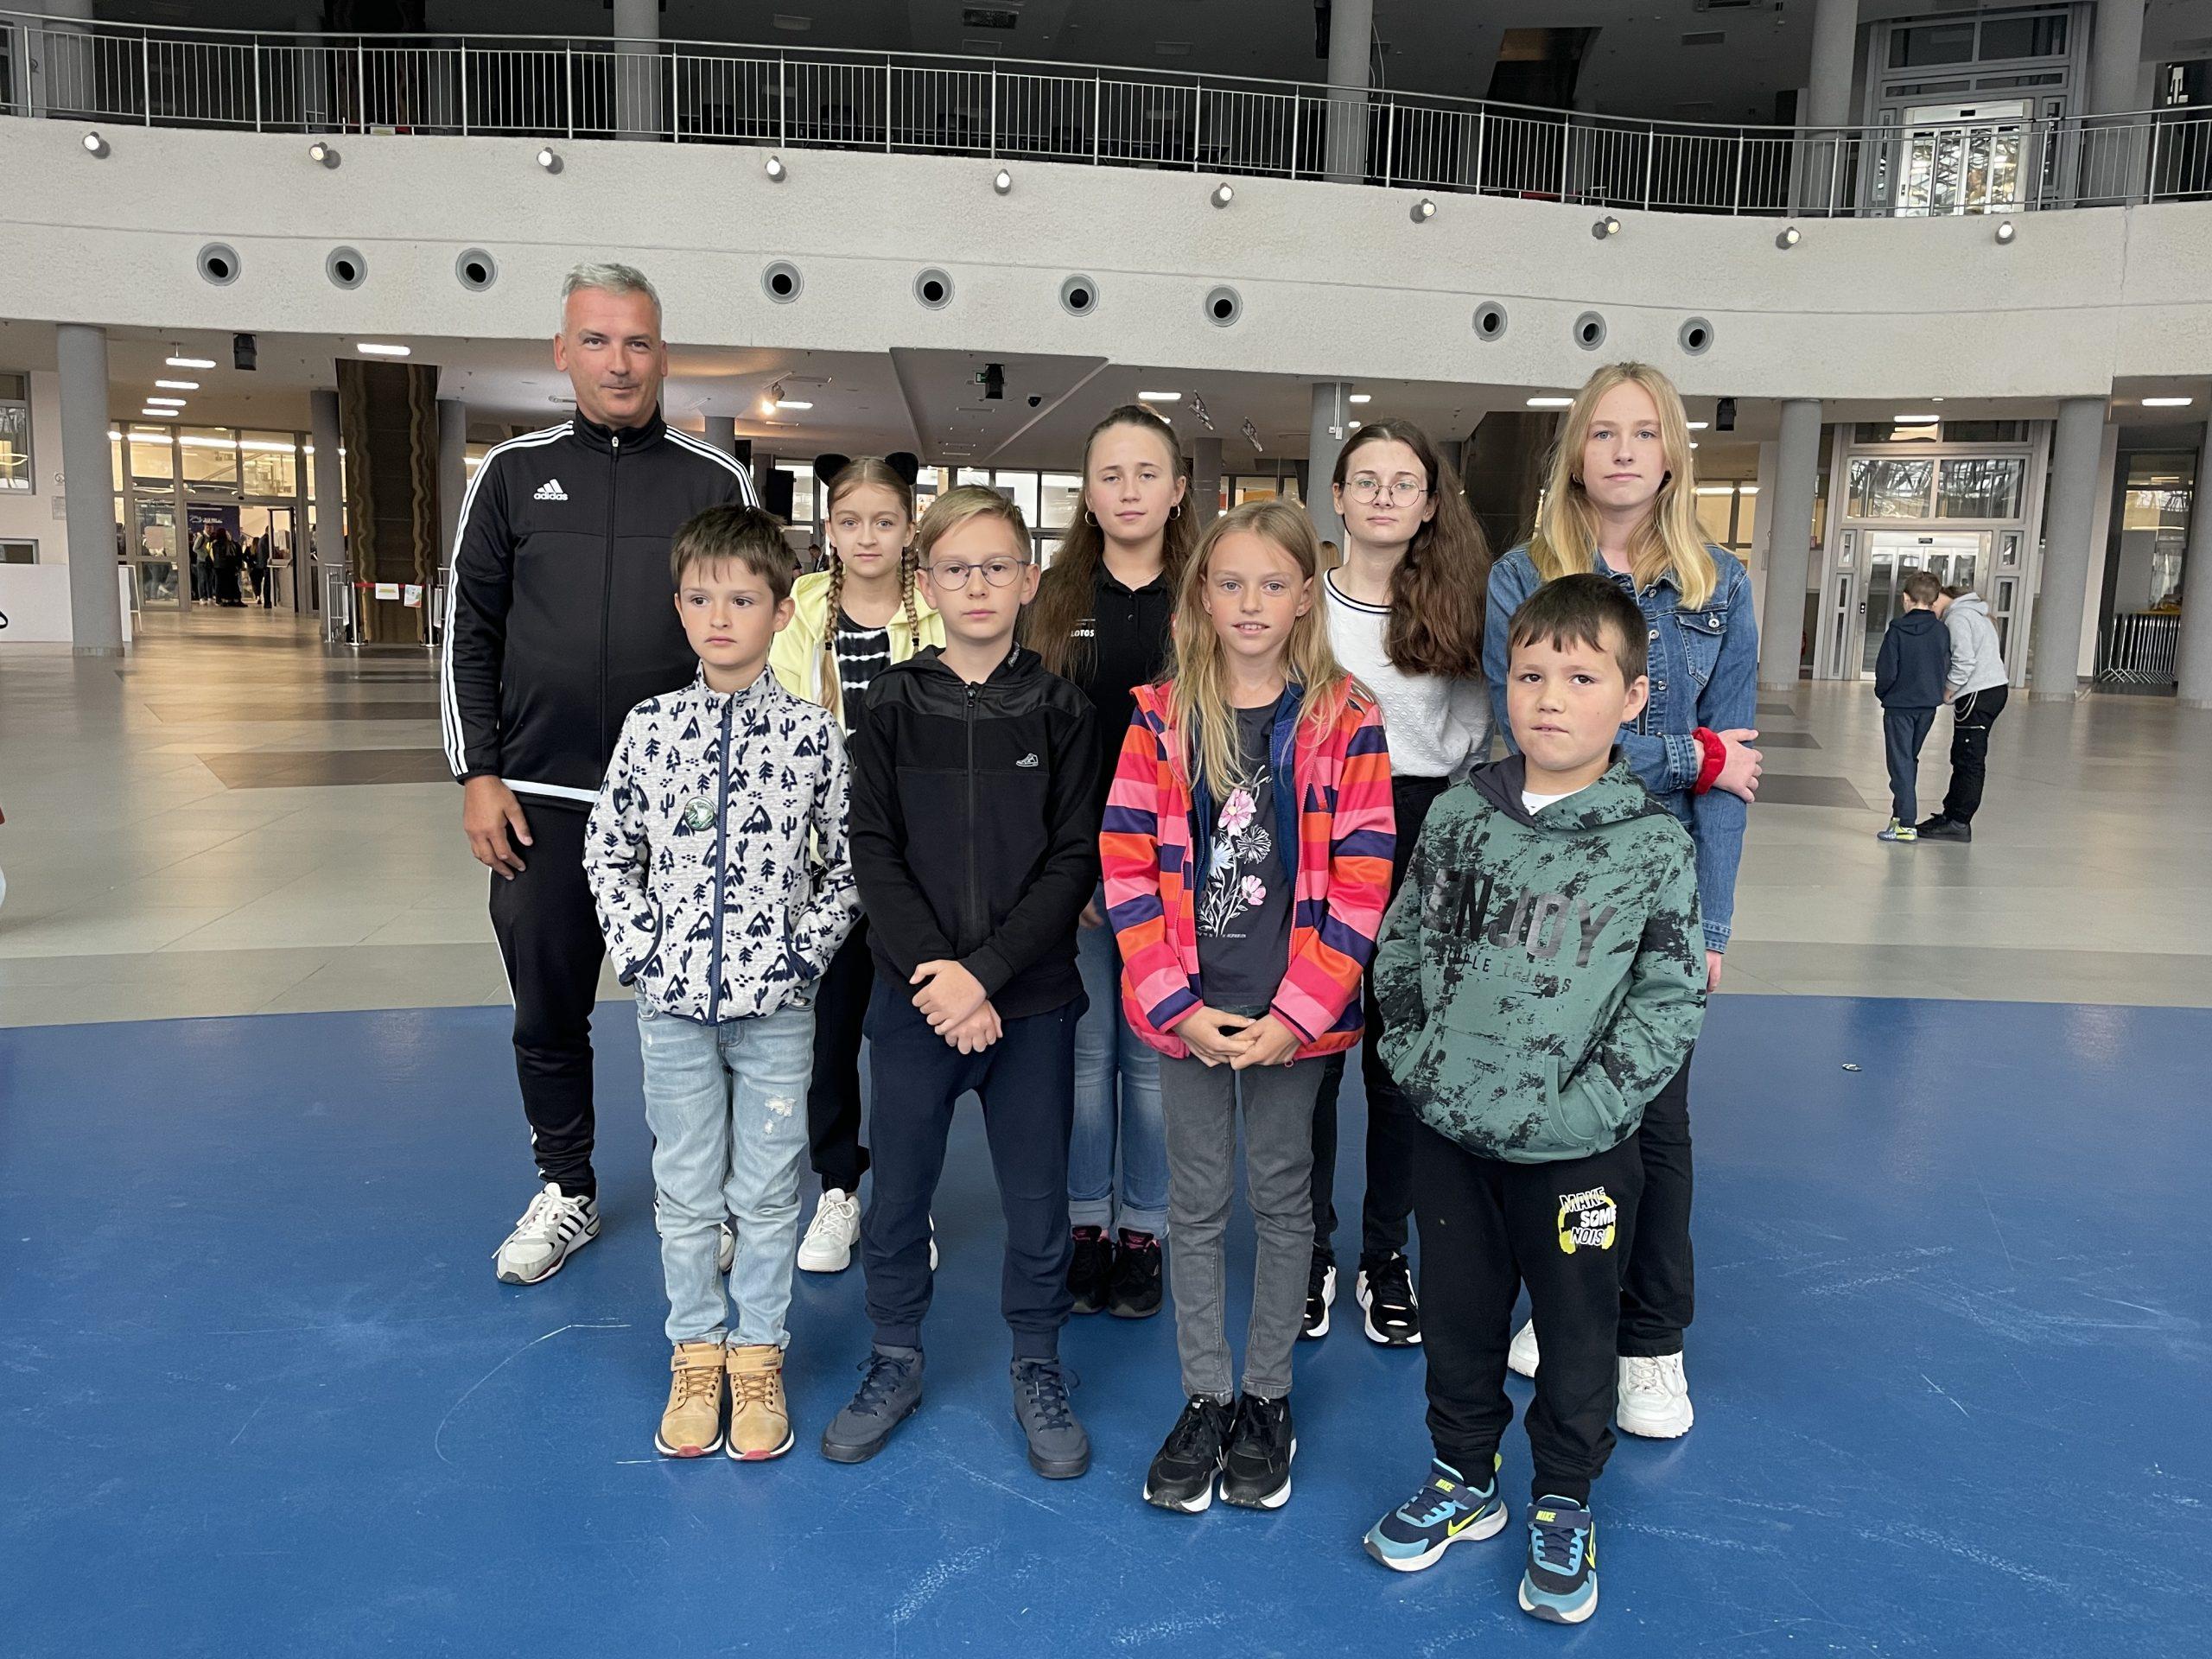 Grupa dzieci stoi w dużym pomieszczeniu konferencyjnym.